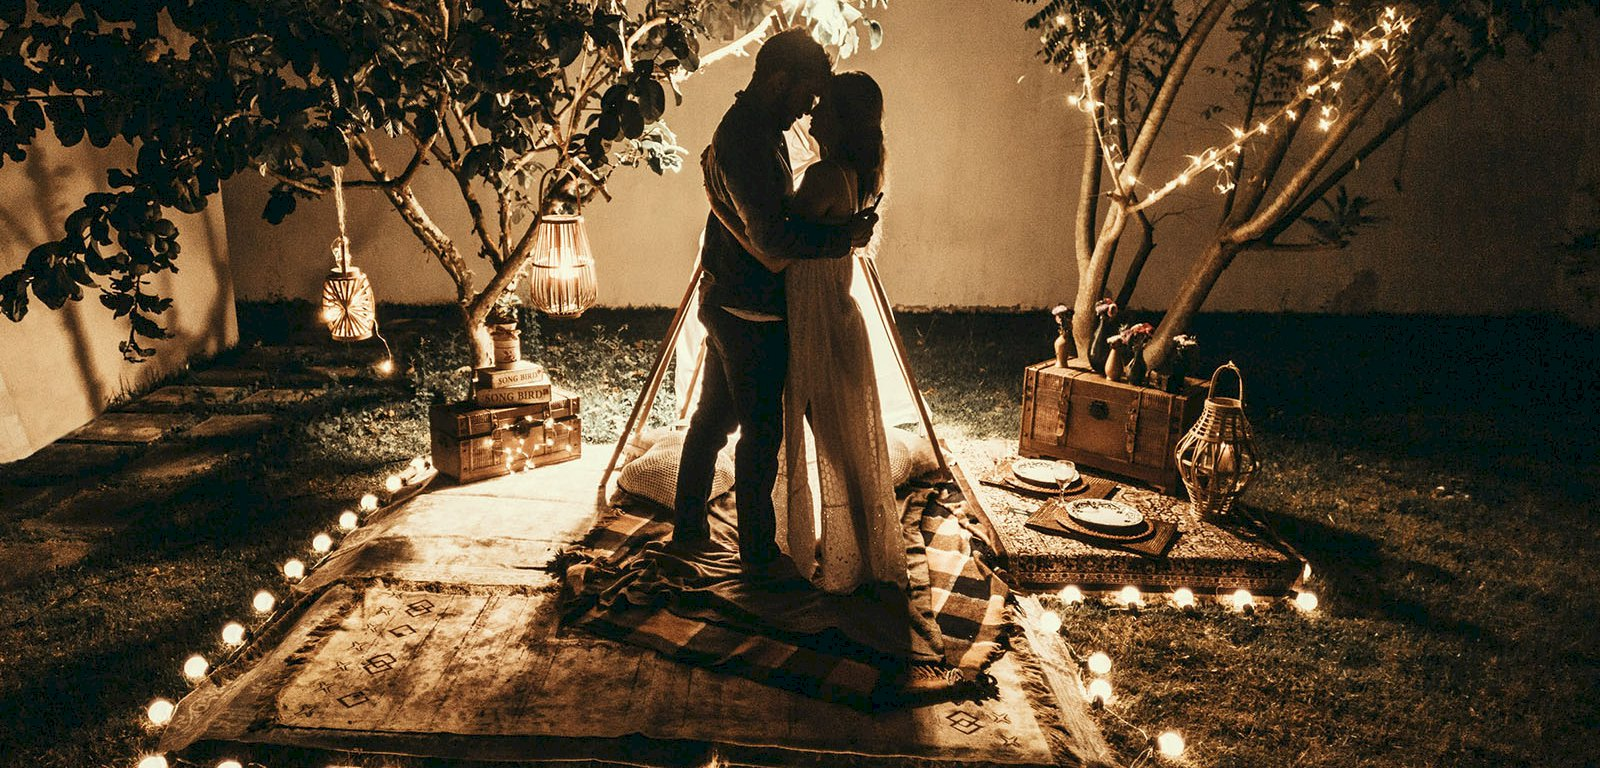 Wedding Facilities